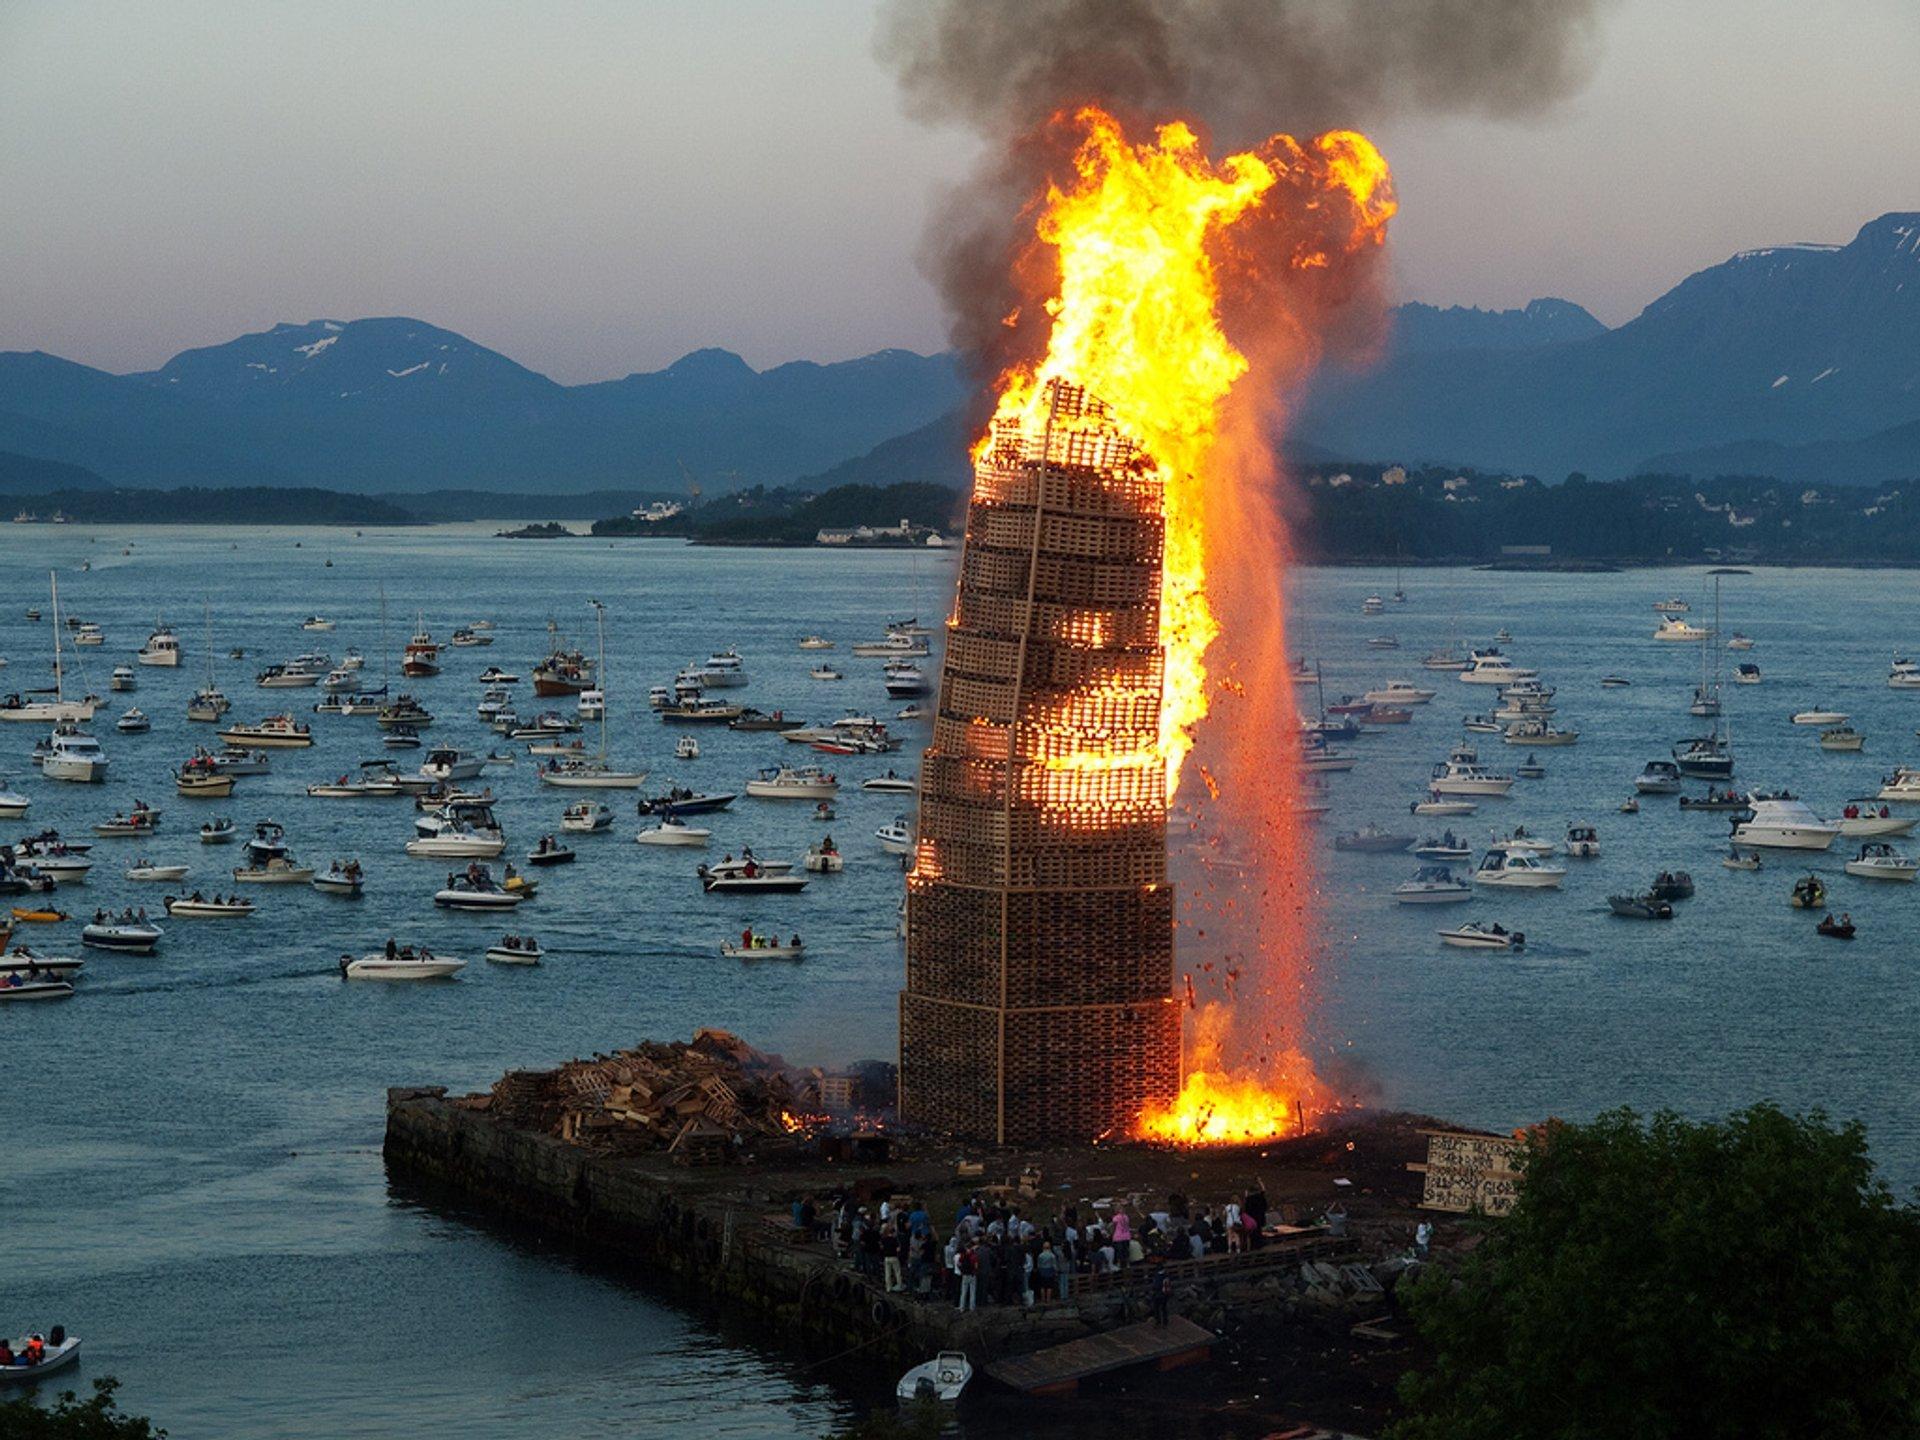 Sankt Hans in Norway 2020 - Best Time